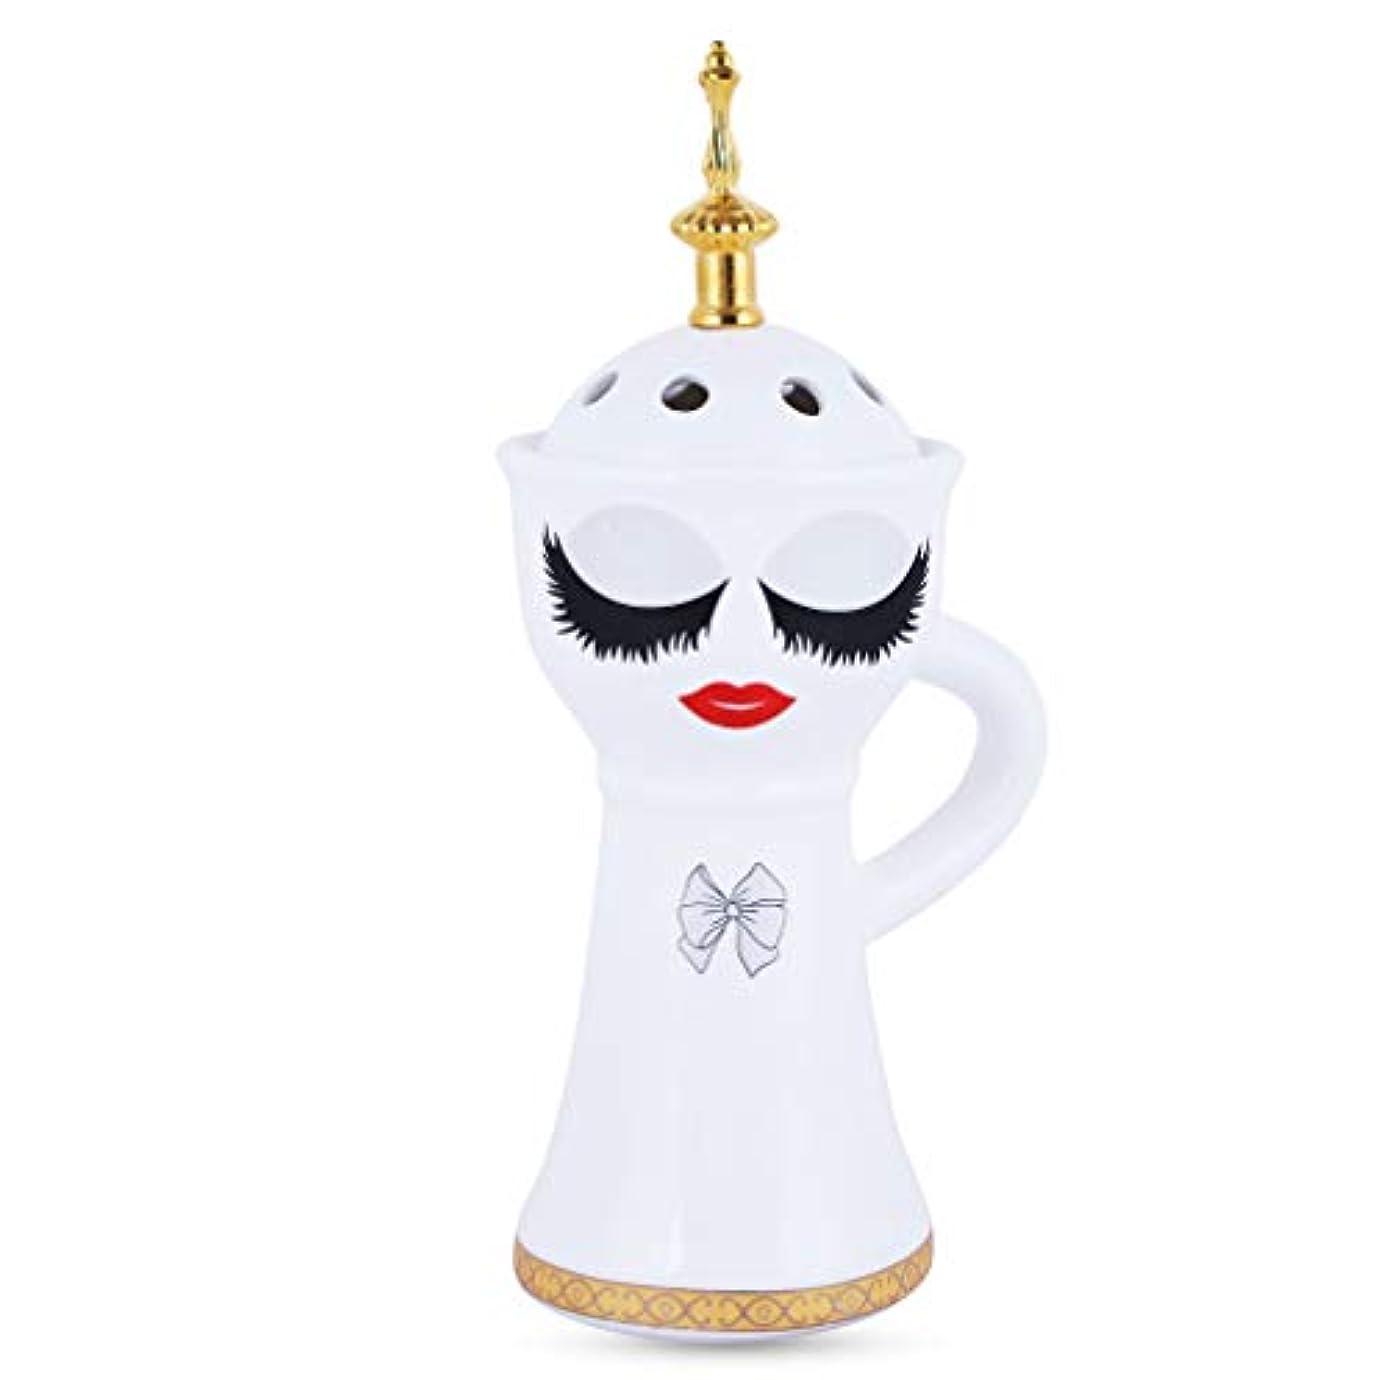 ビスケット安心させる蜜Beautiful Ceramic Incense Bakhoor/Oud Burner Frankincense Incense Holder with Attractive Eyes, Non Electric, Best for Gifting IB-026